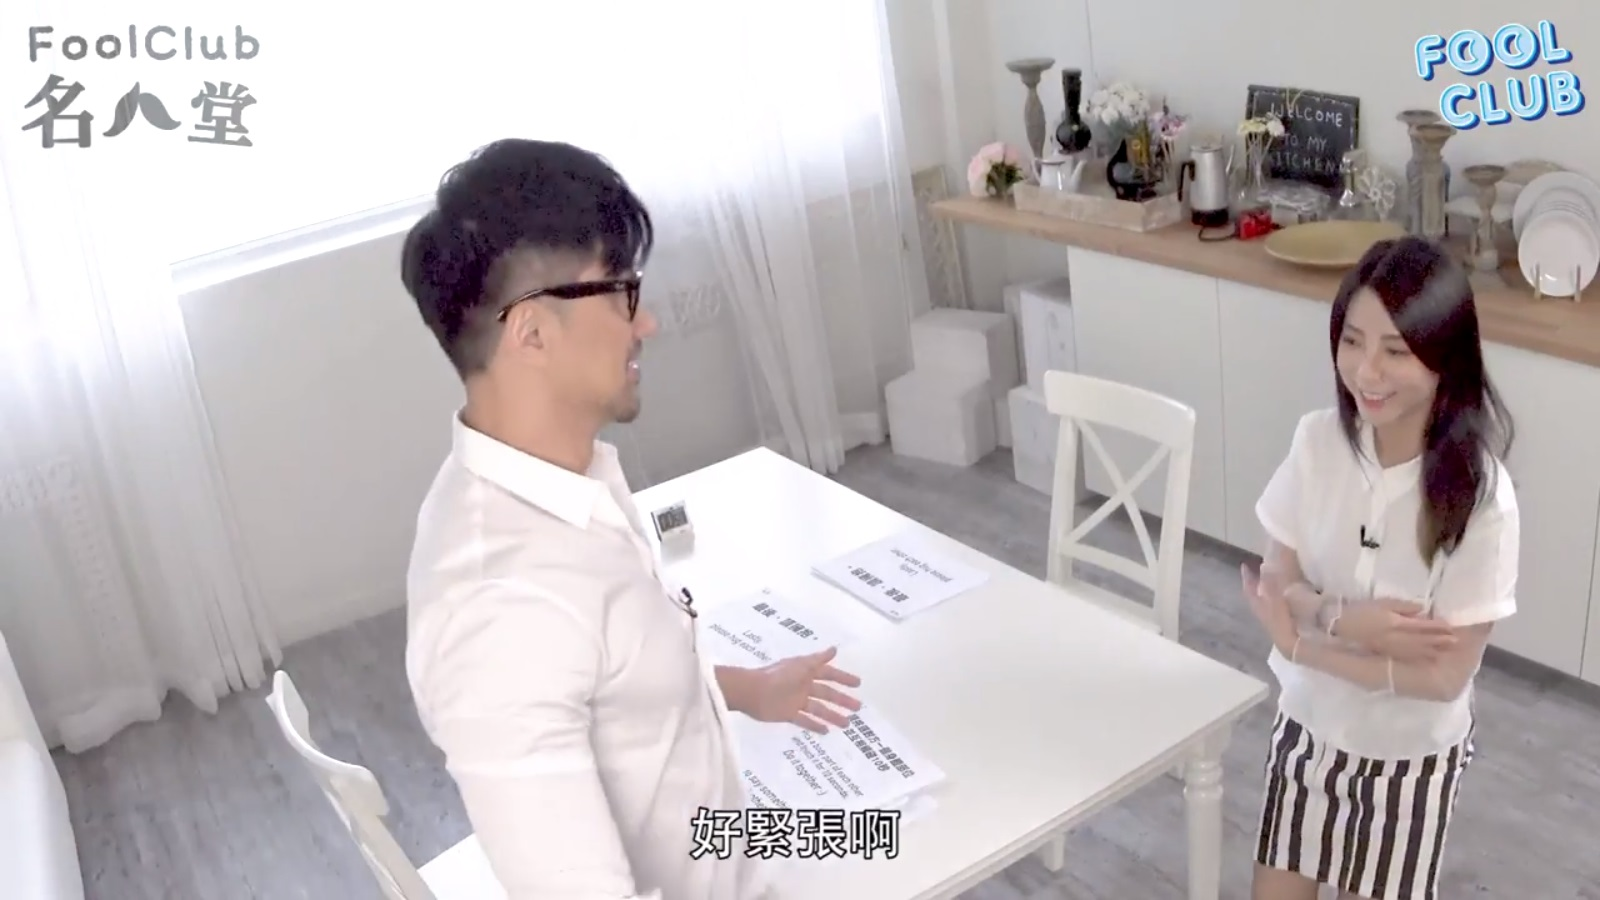 FOOL CLUB 凍齡大叔陳傳多